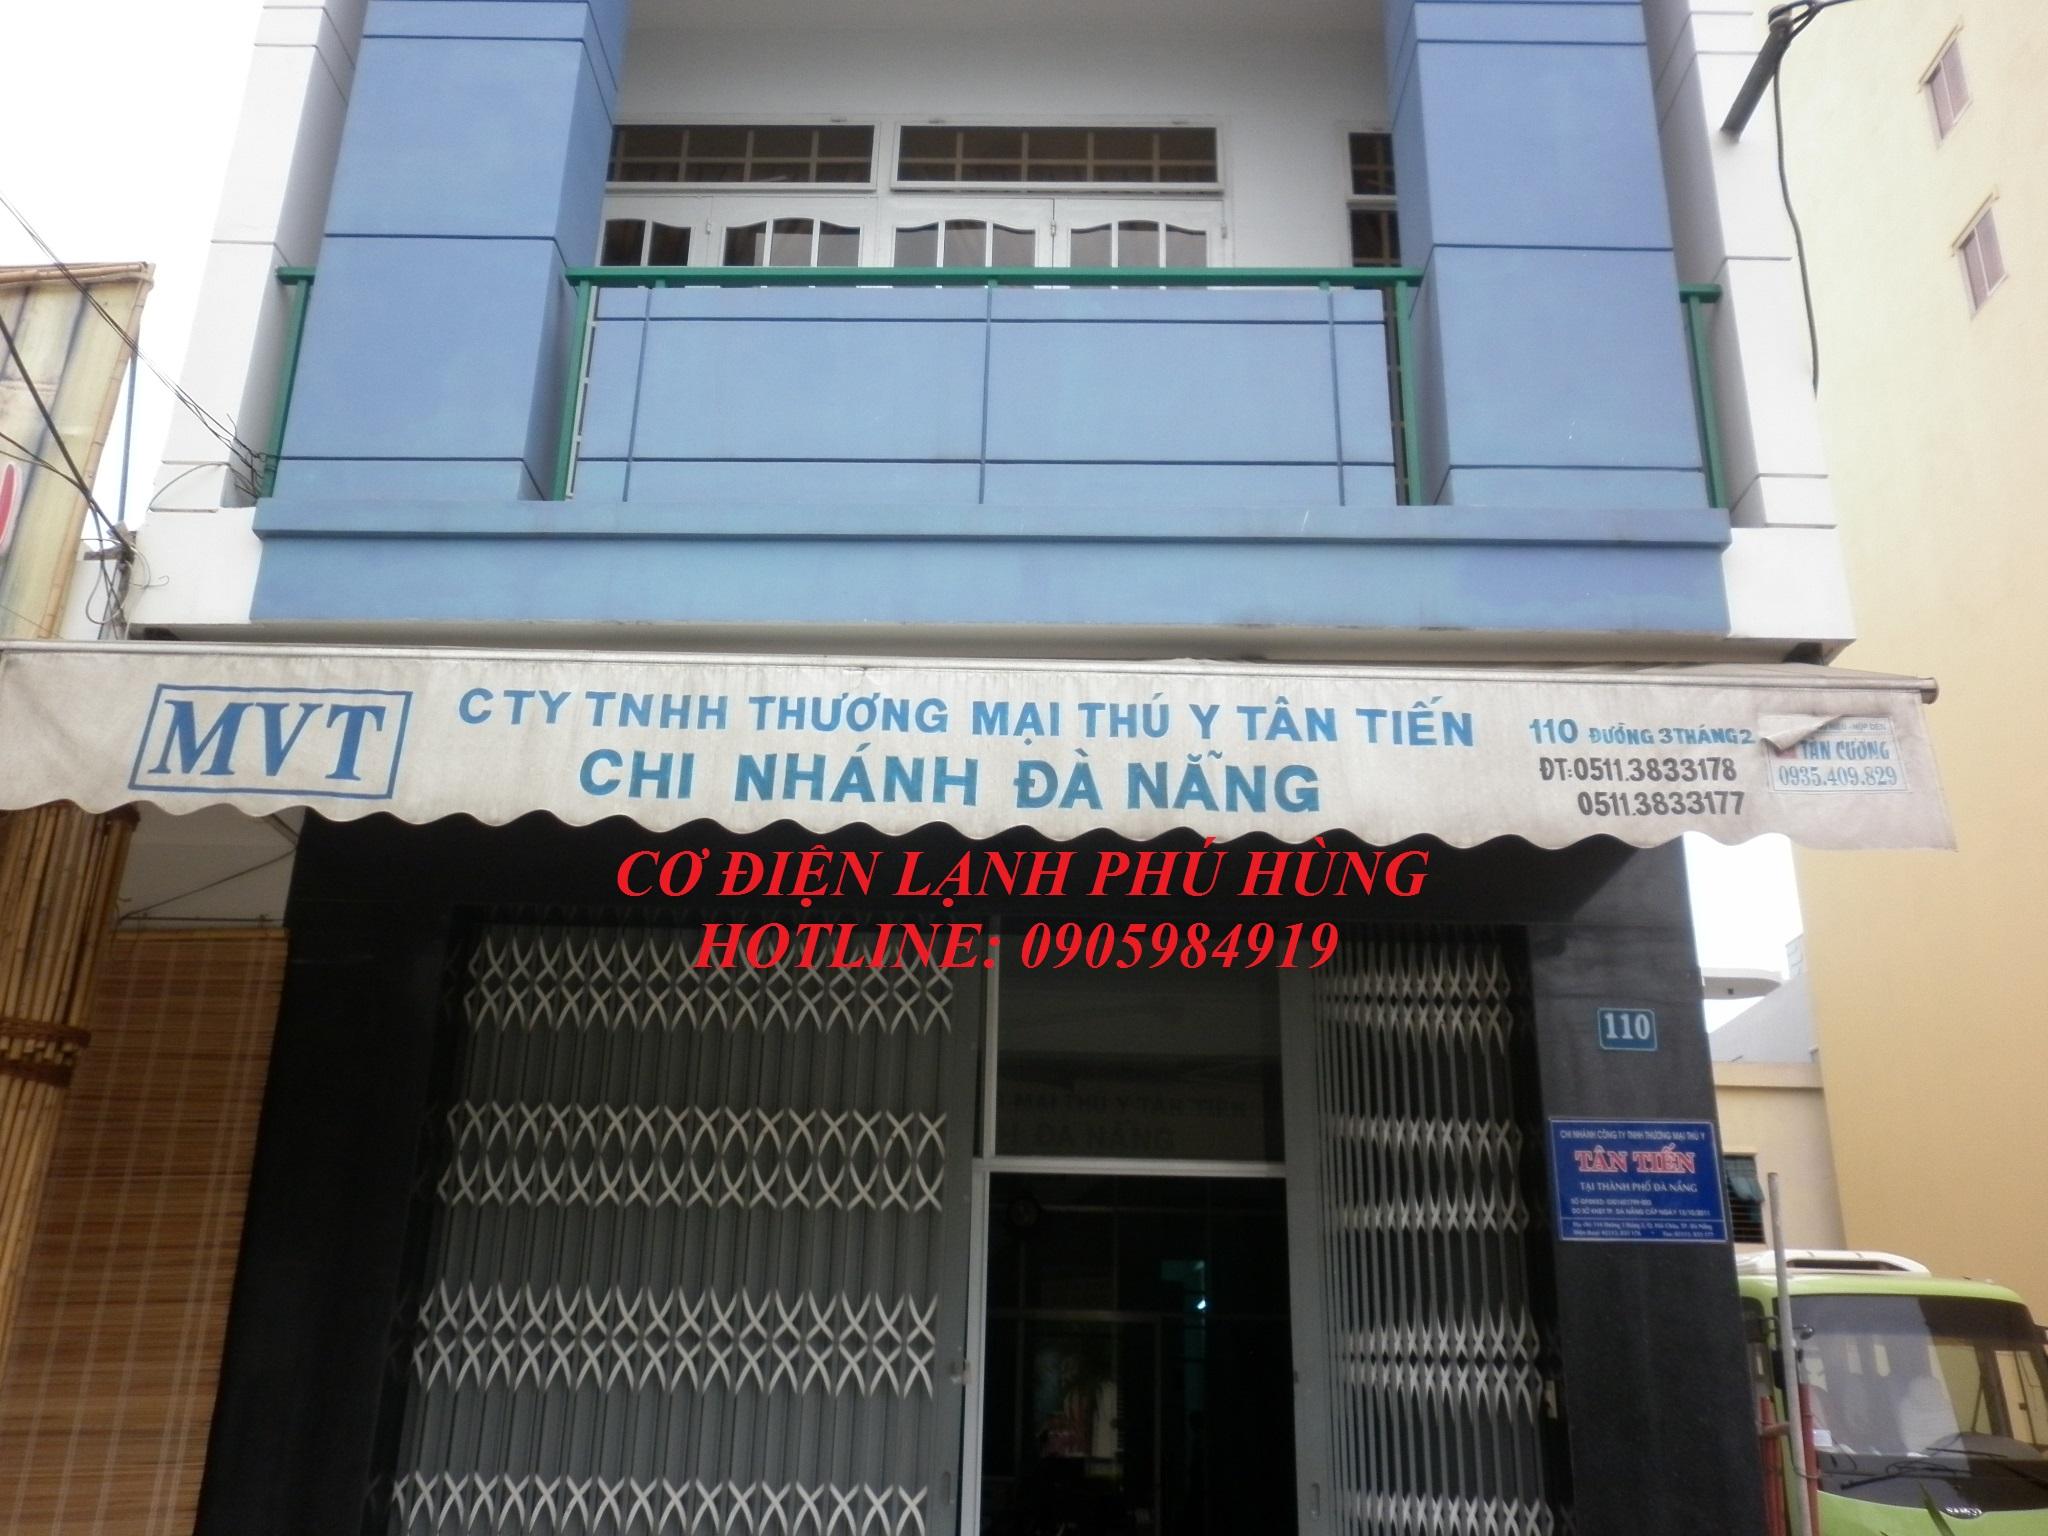 A - Kho lạnh bảo quản vaccine - Cty TNHH TM Tân Tiến